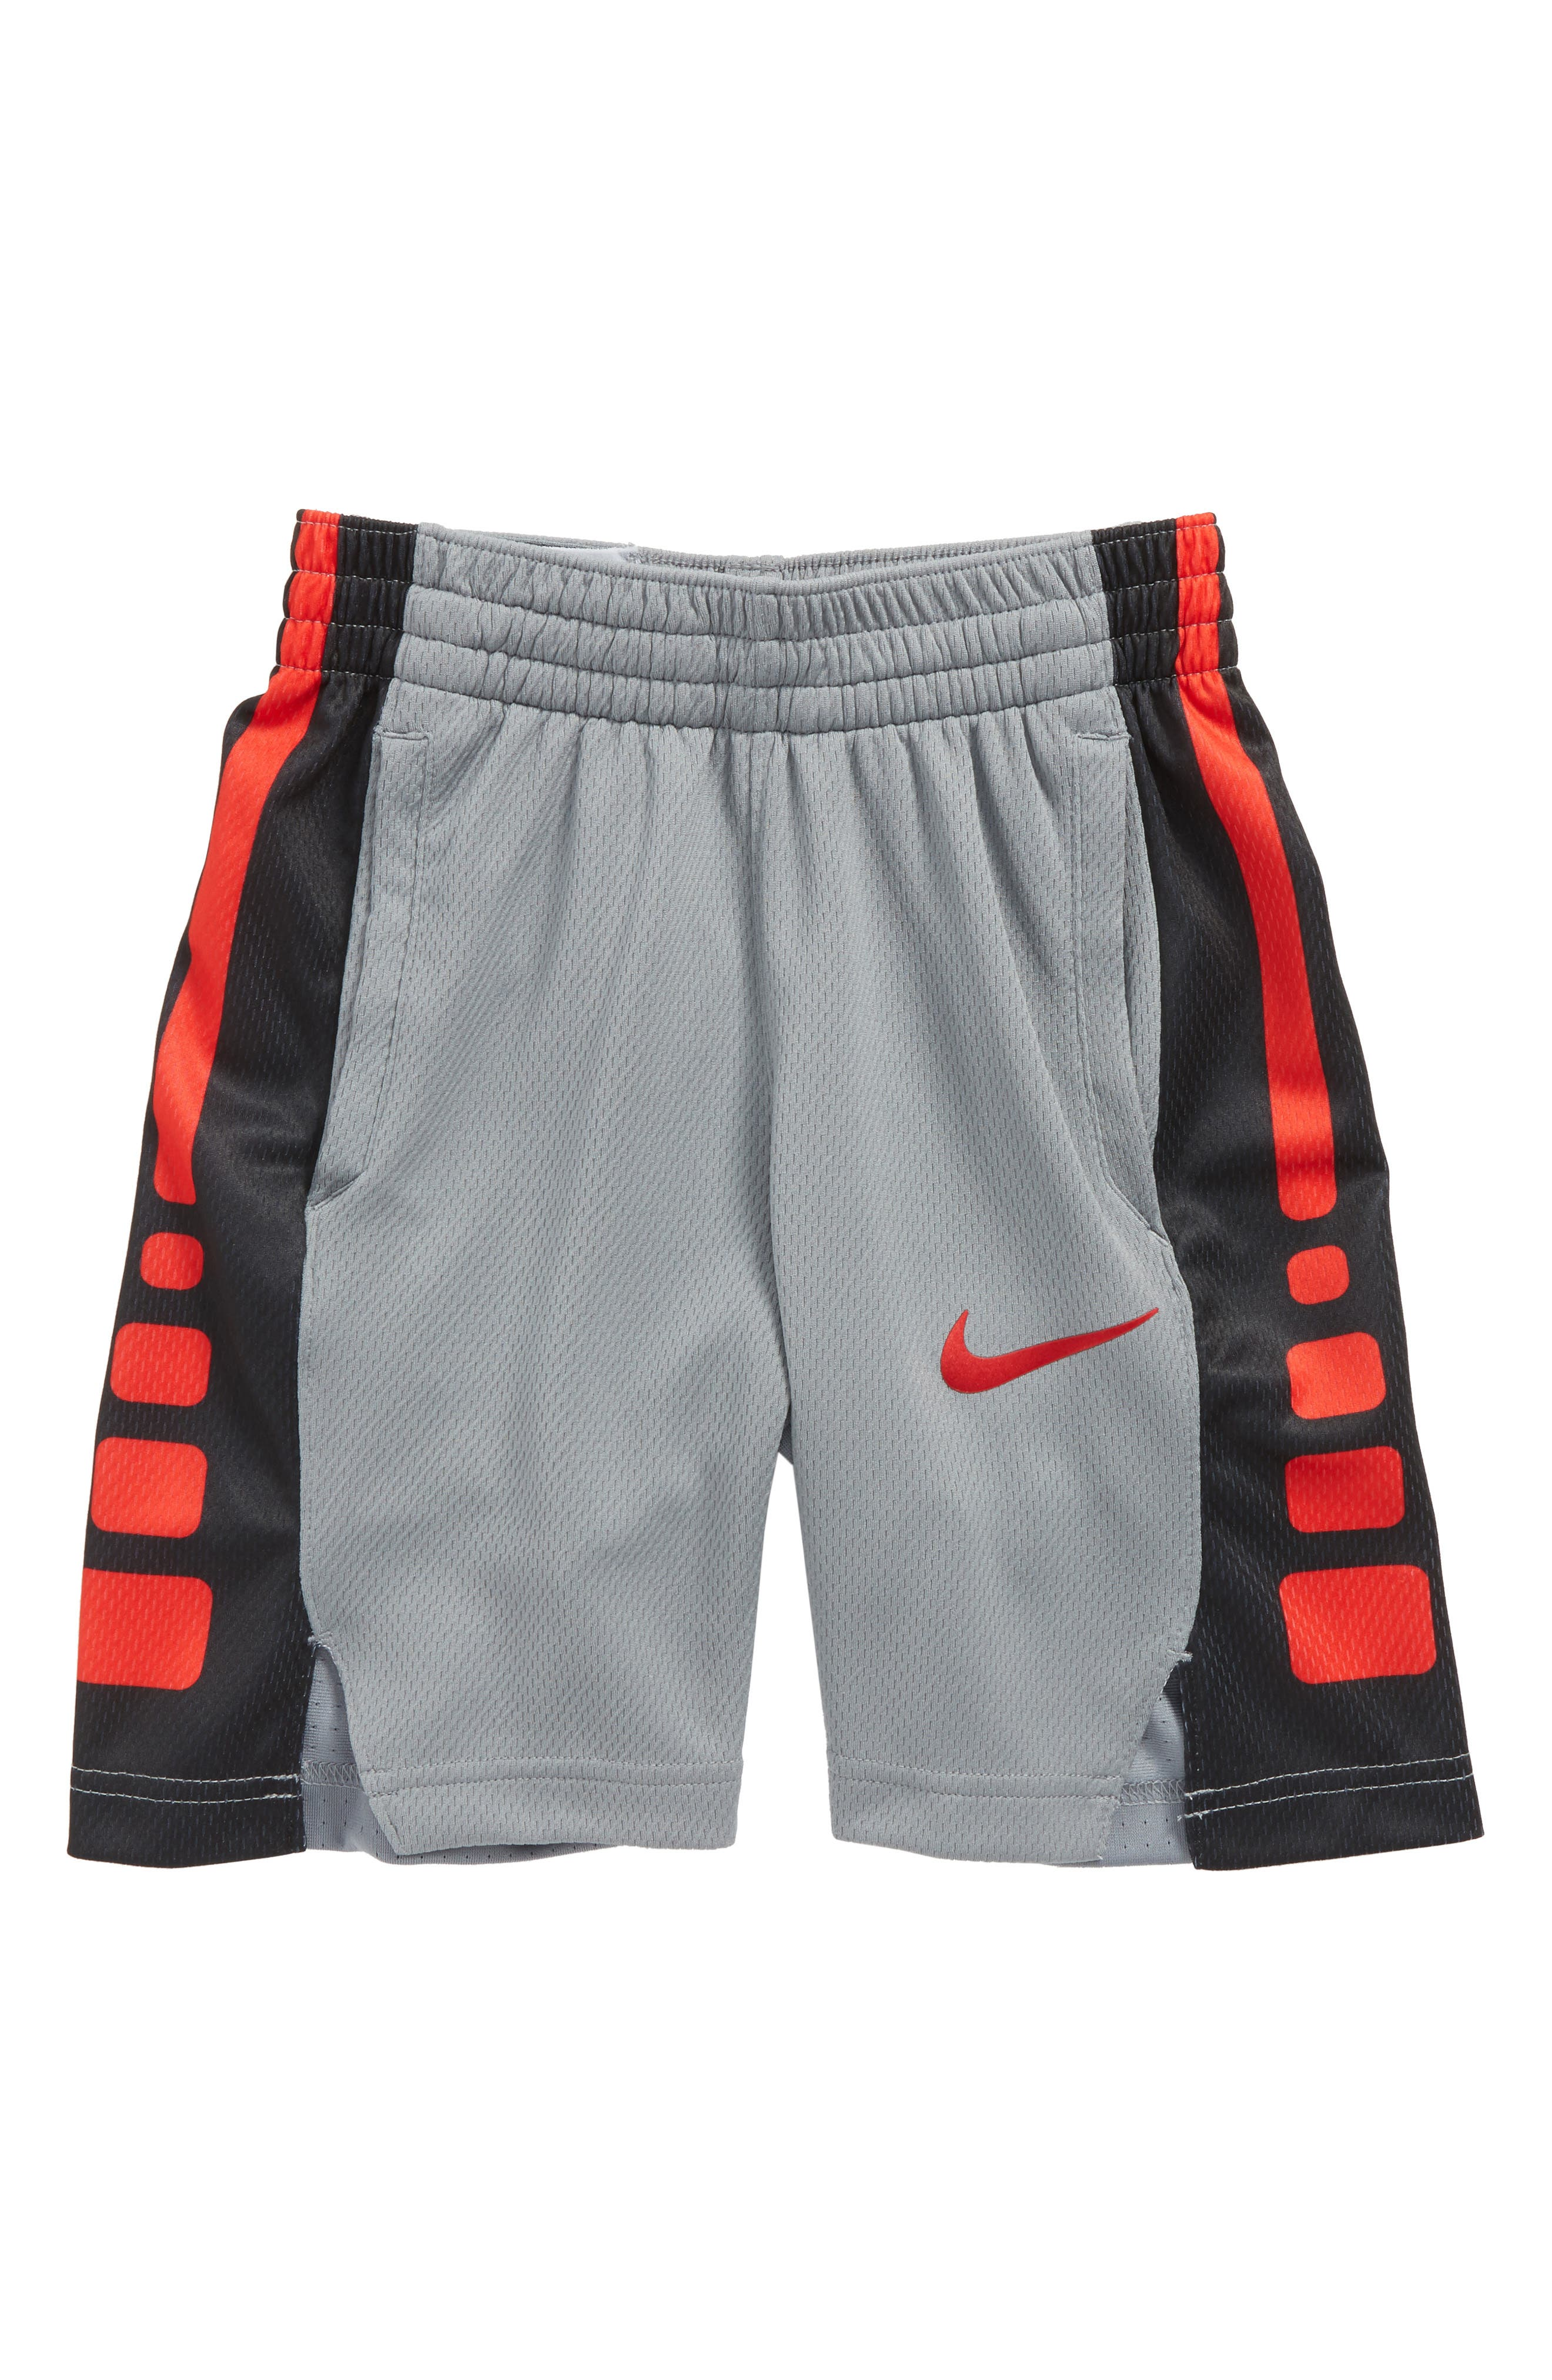 Dry Elite Basketball Shorts,                             Main thumbnail 1, color,                             Grey